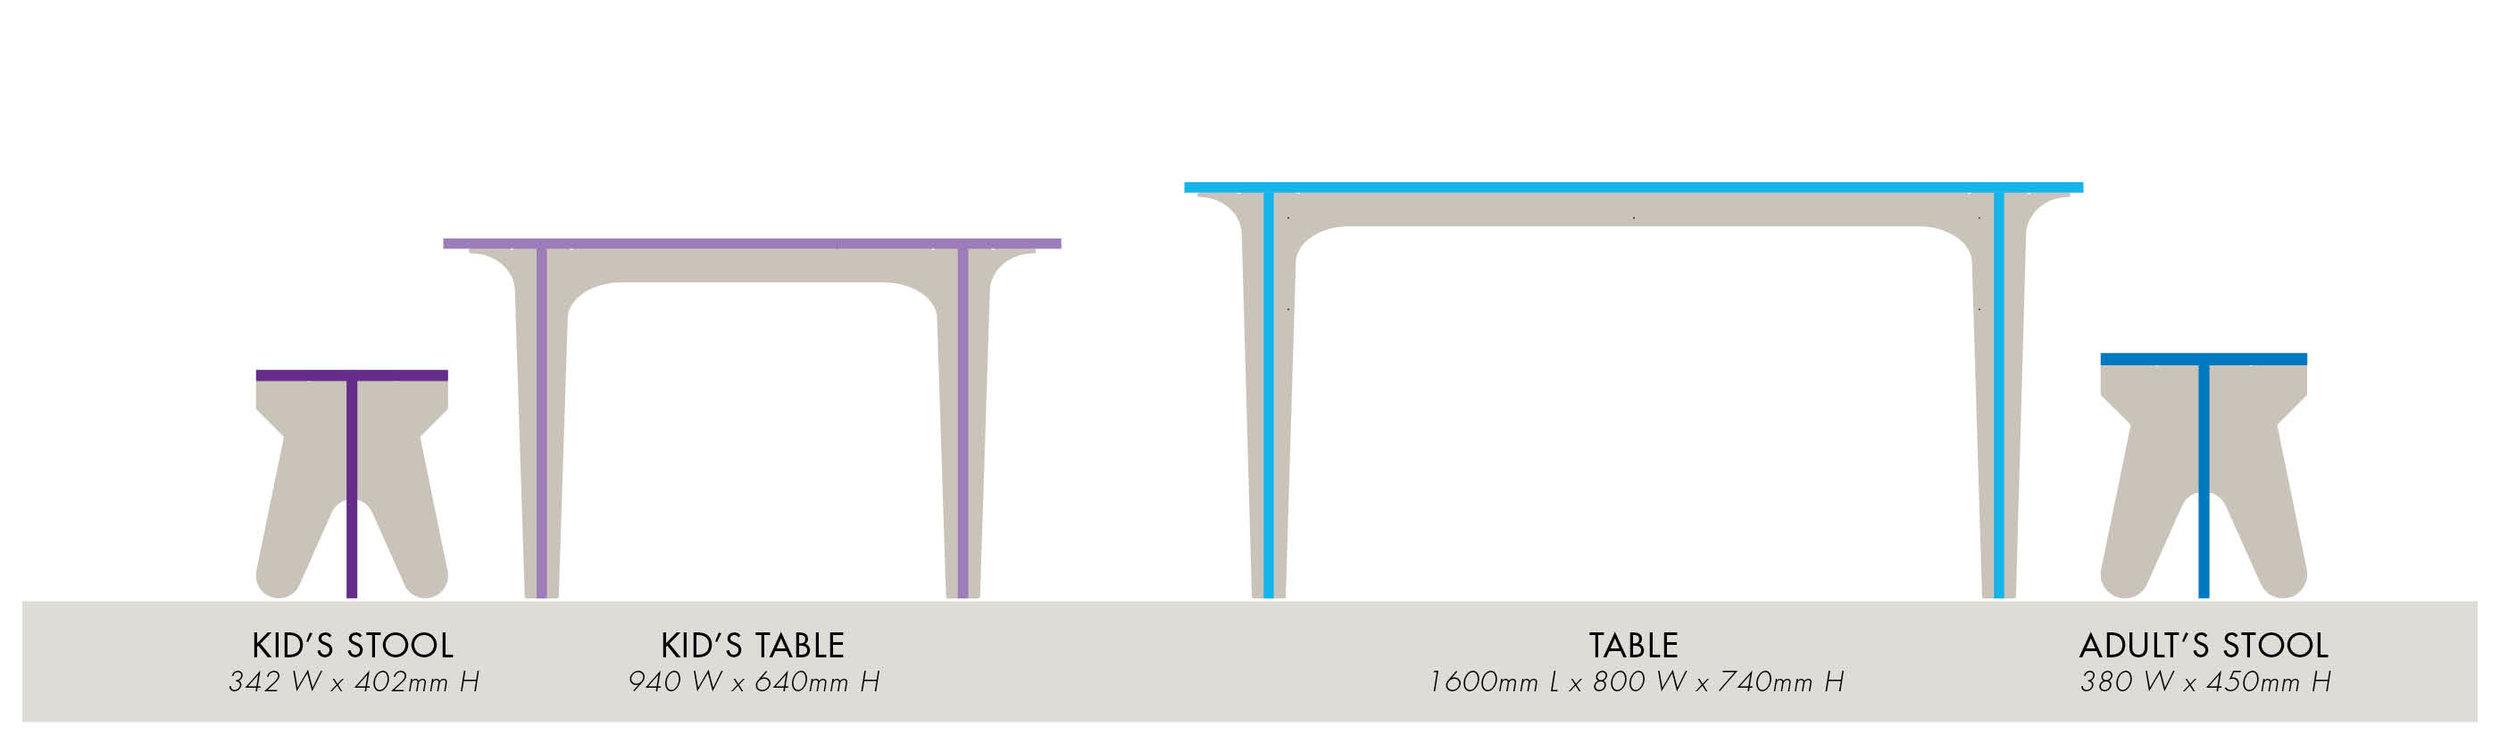 +PLUS stools & tables.jpg